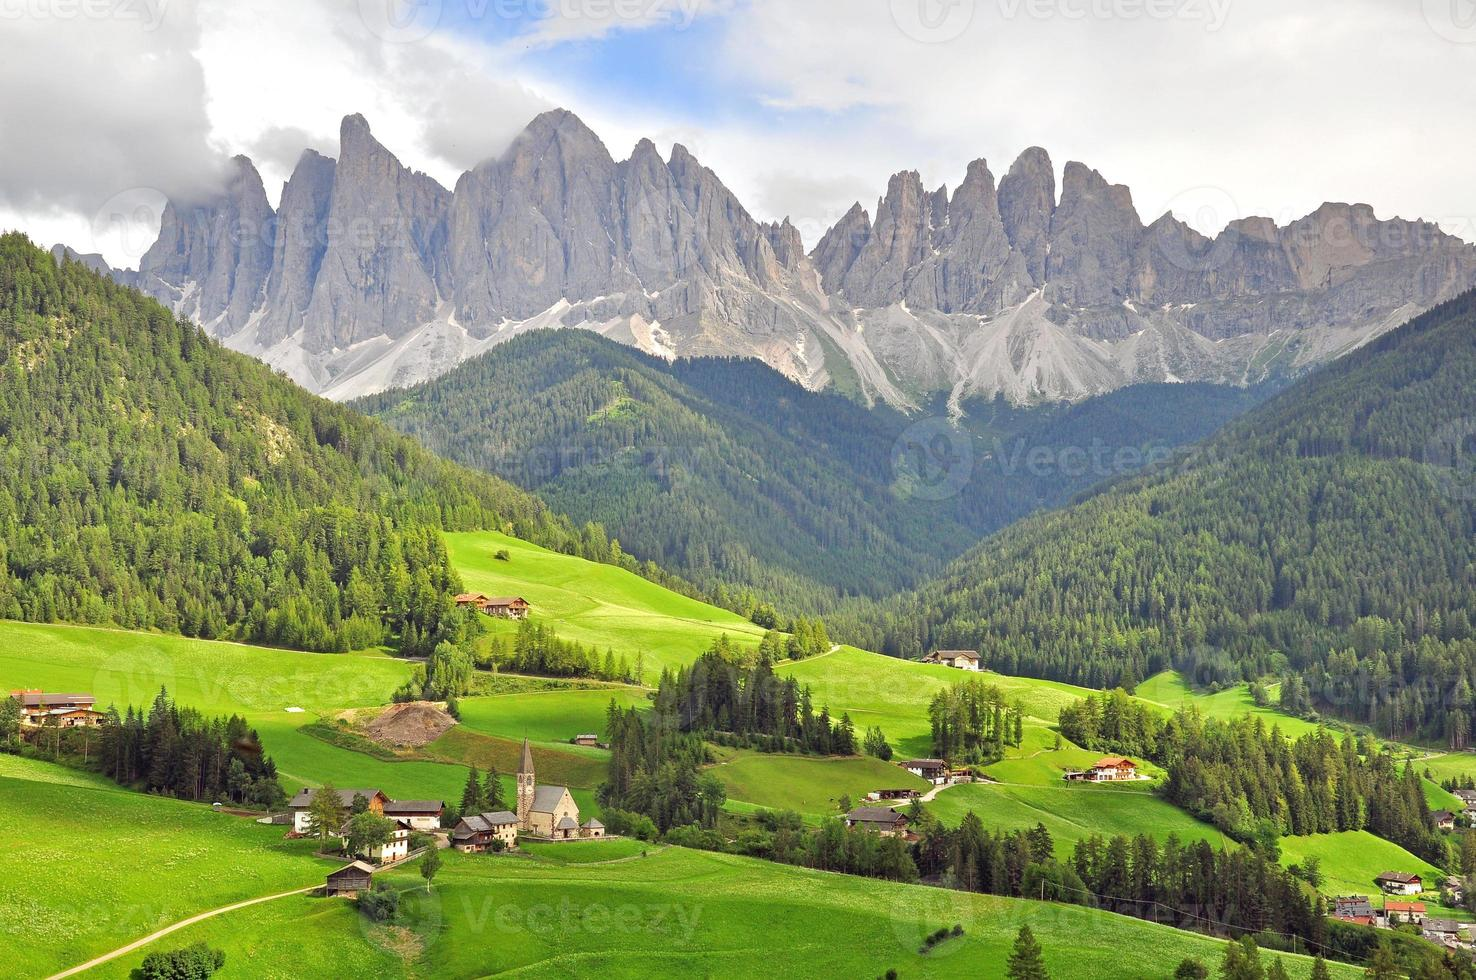 Funes valley, Italie photo